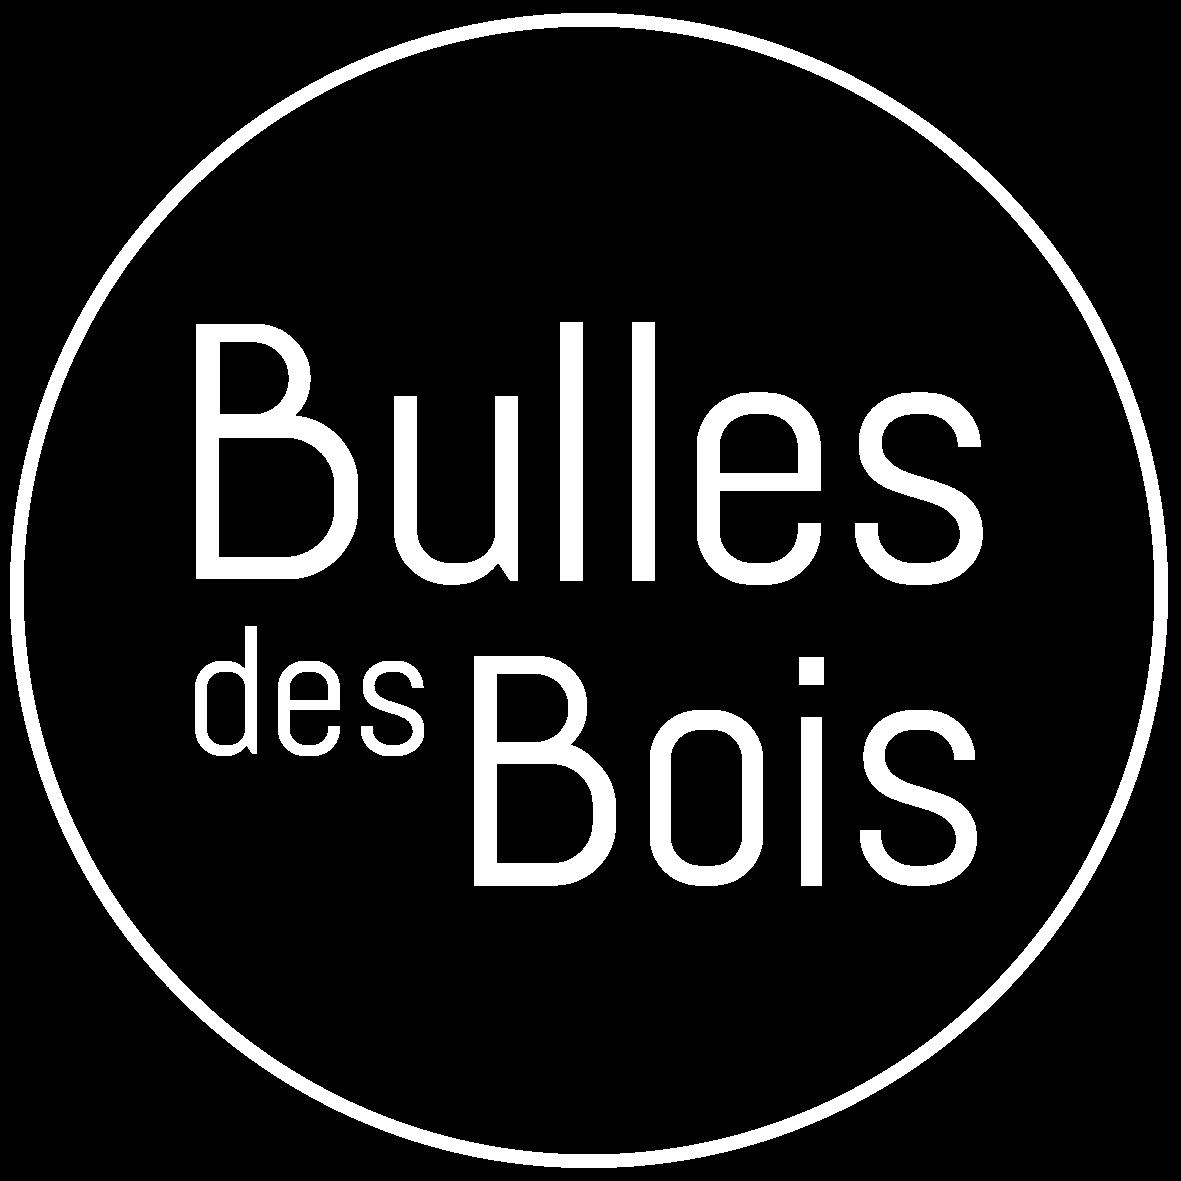 Bulles Des Bois